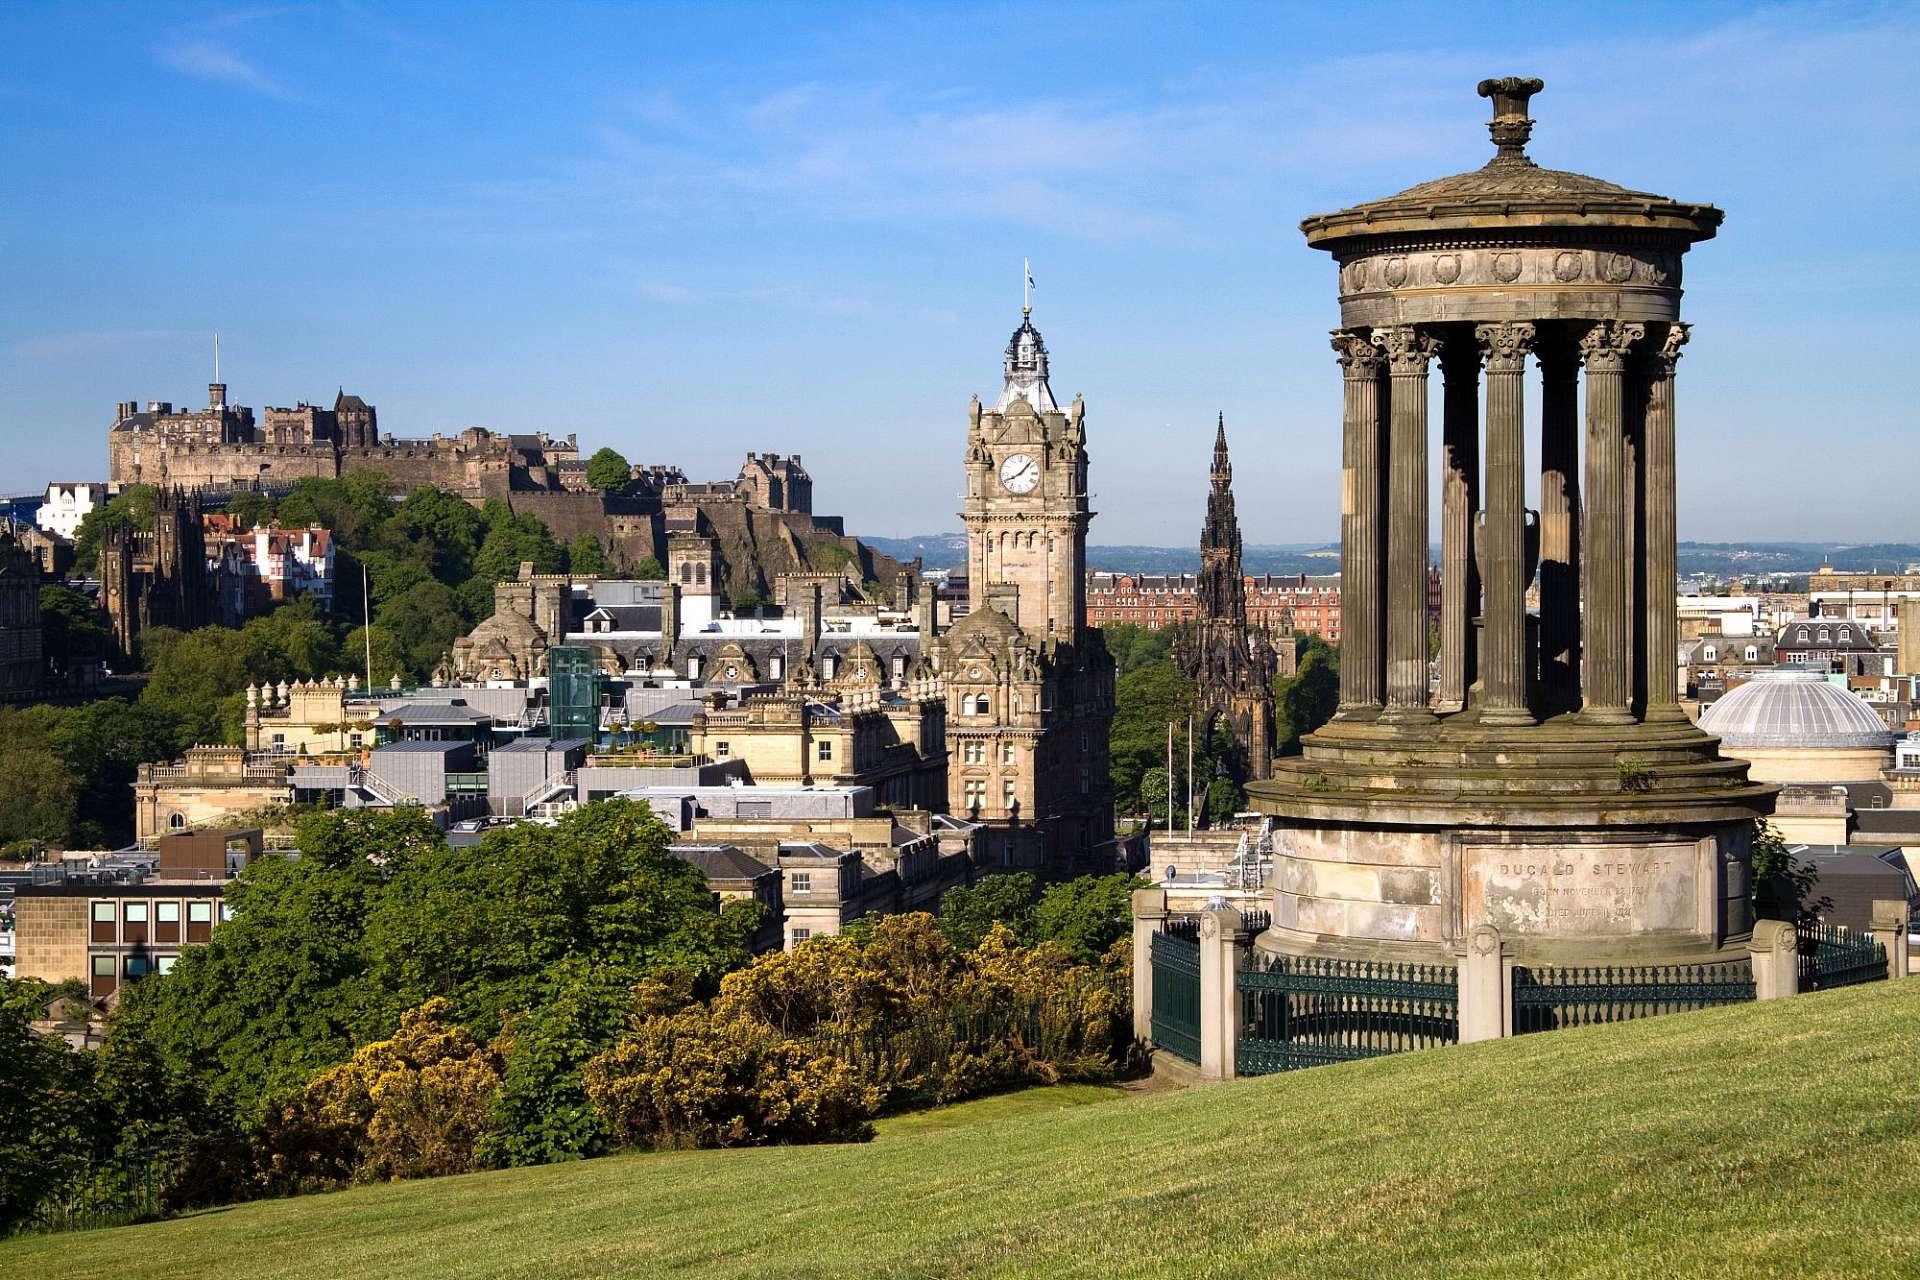 Edinburgh Schottlands Stolze Hauptstadt Im Schatten Der Burg